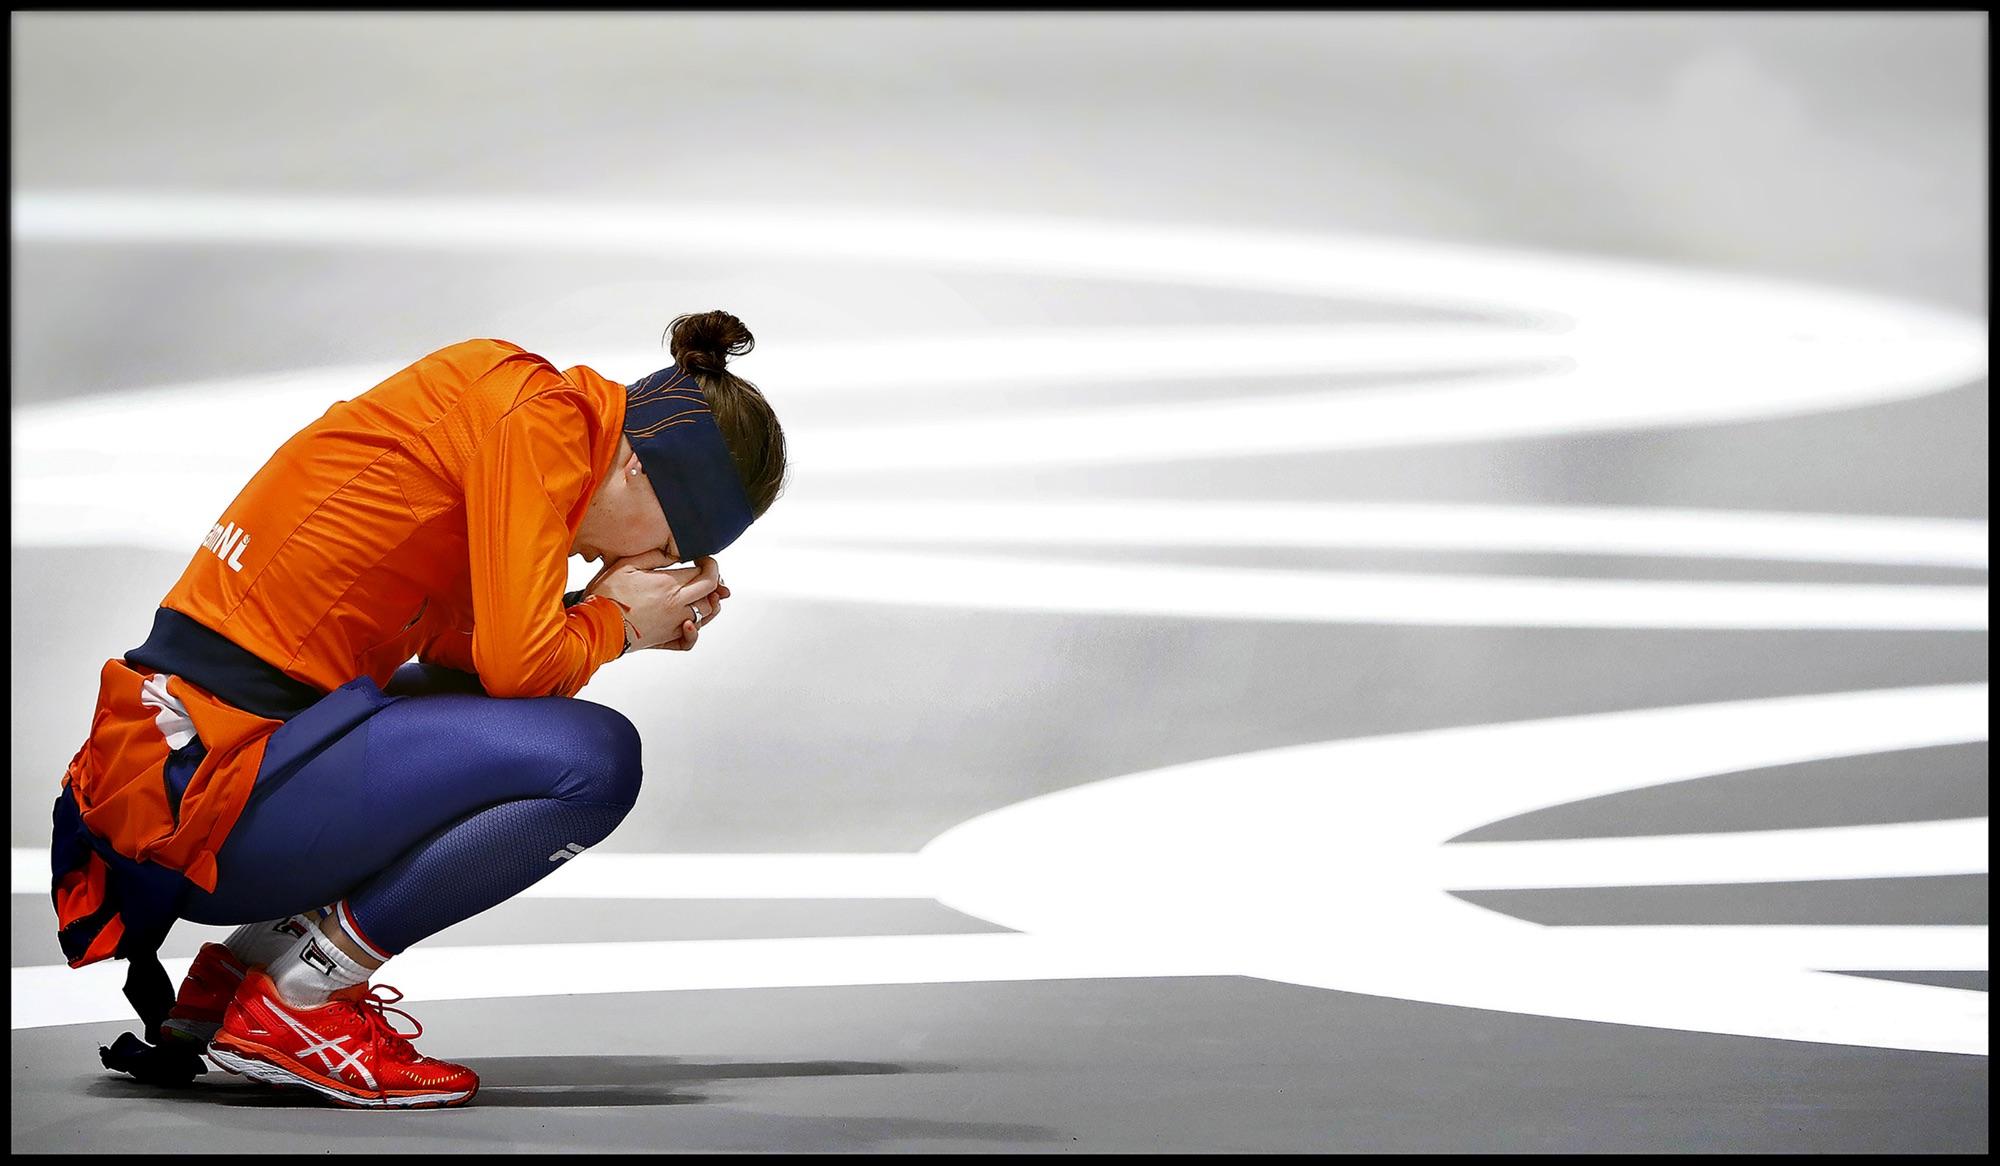 foto van een hardloopster met oranje shirt en blauwe broek op de olympische spelen die op haar hurken haar gezicht in haar handen verbergt